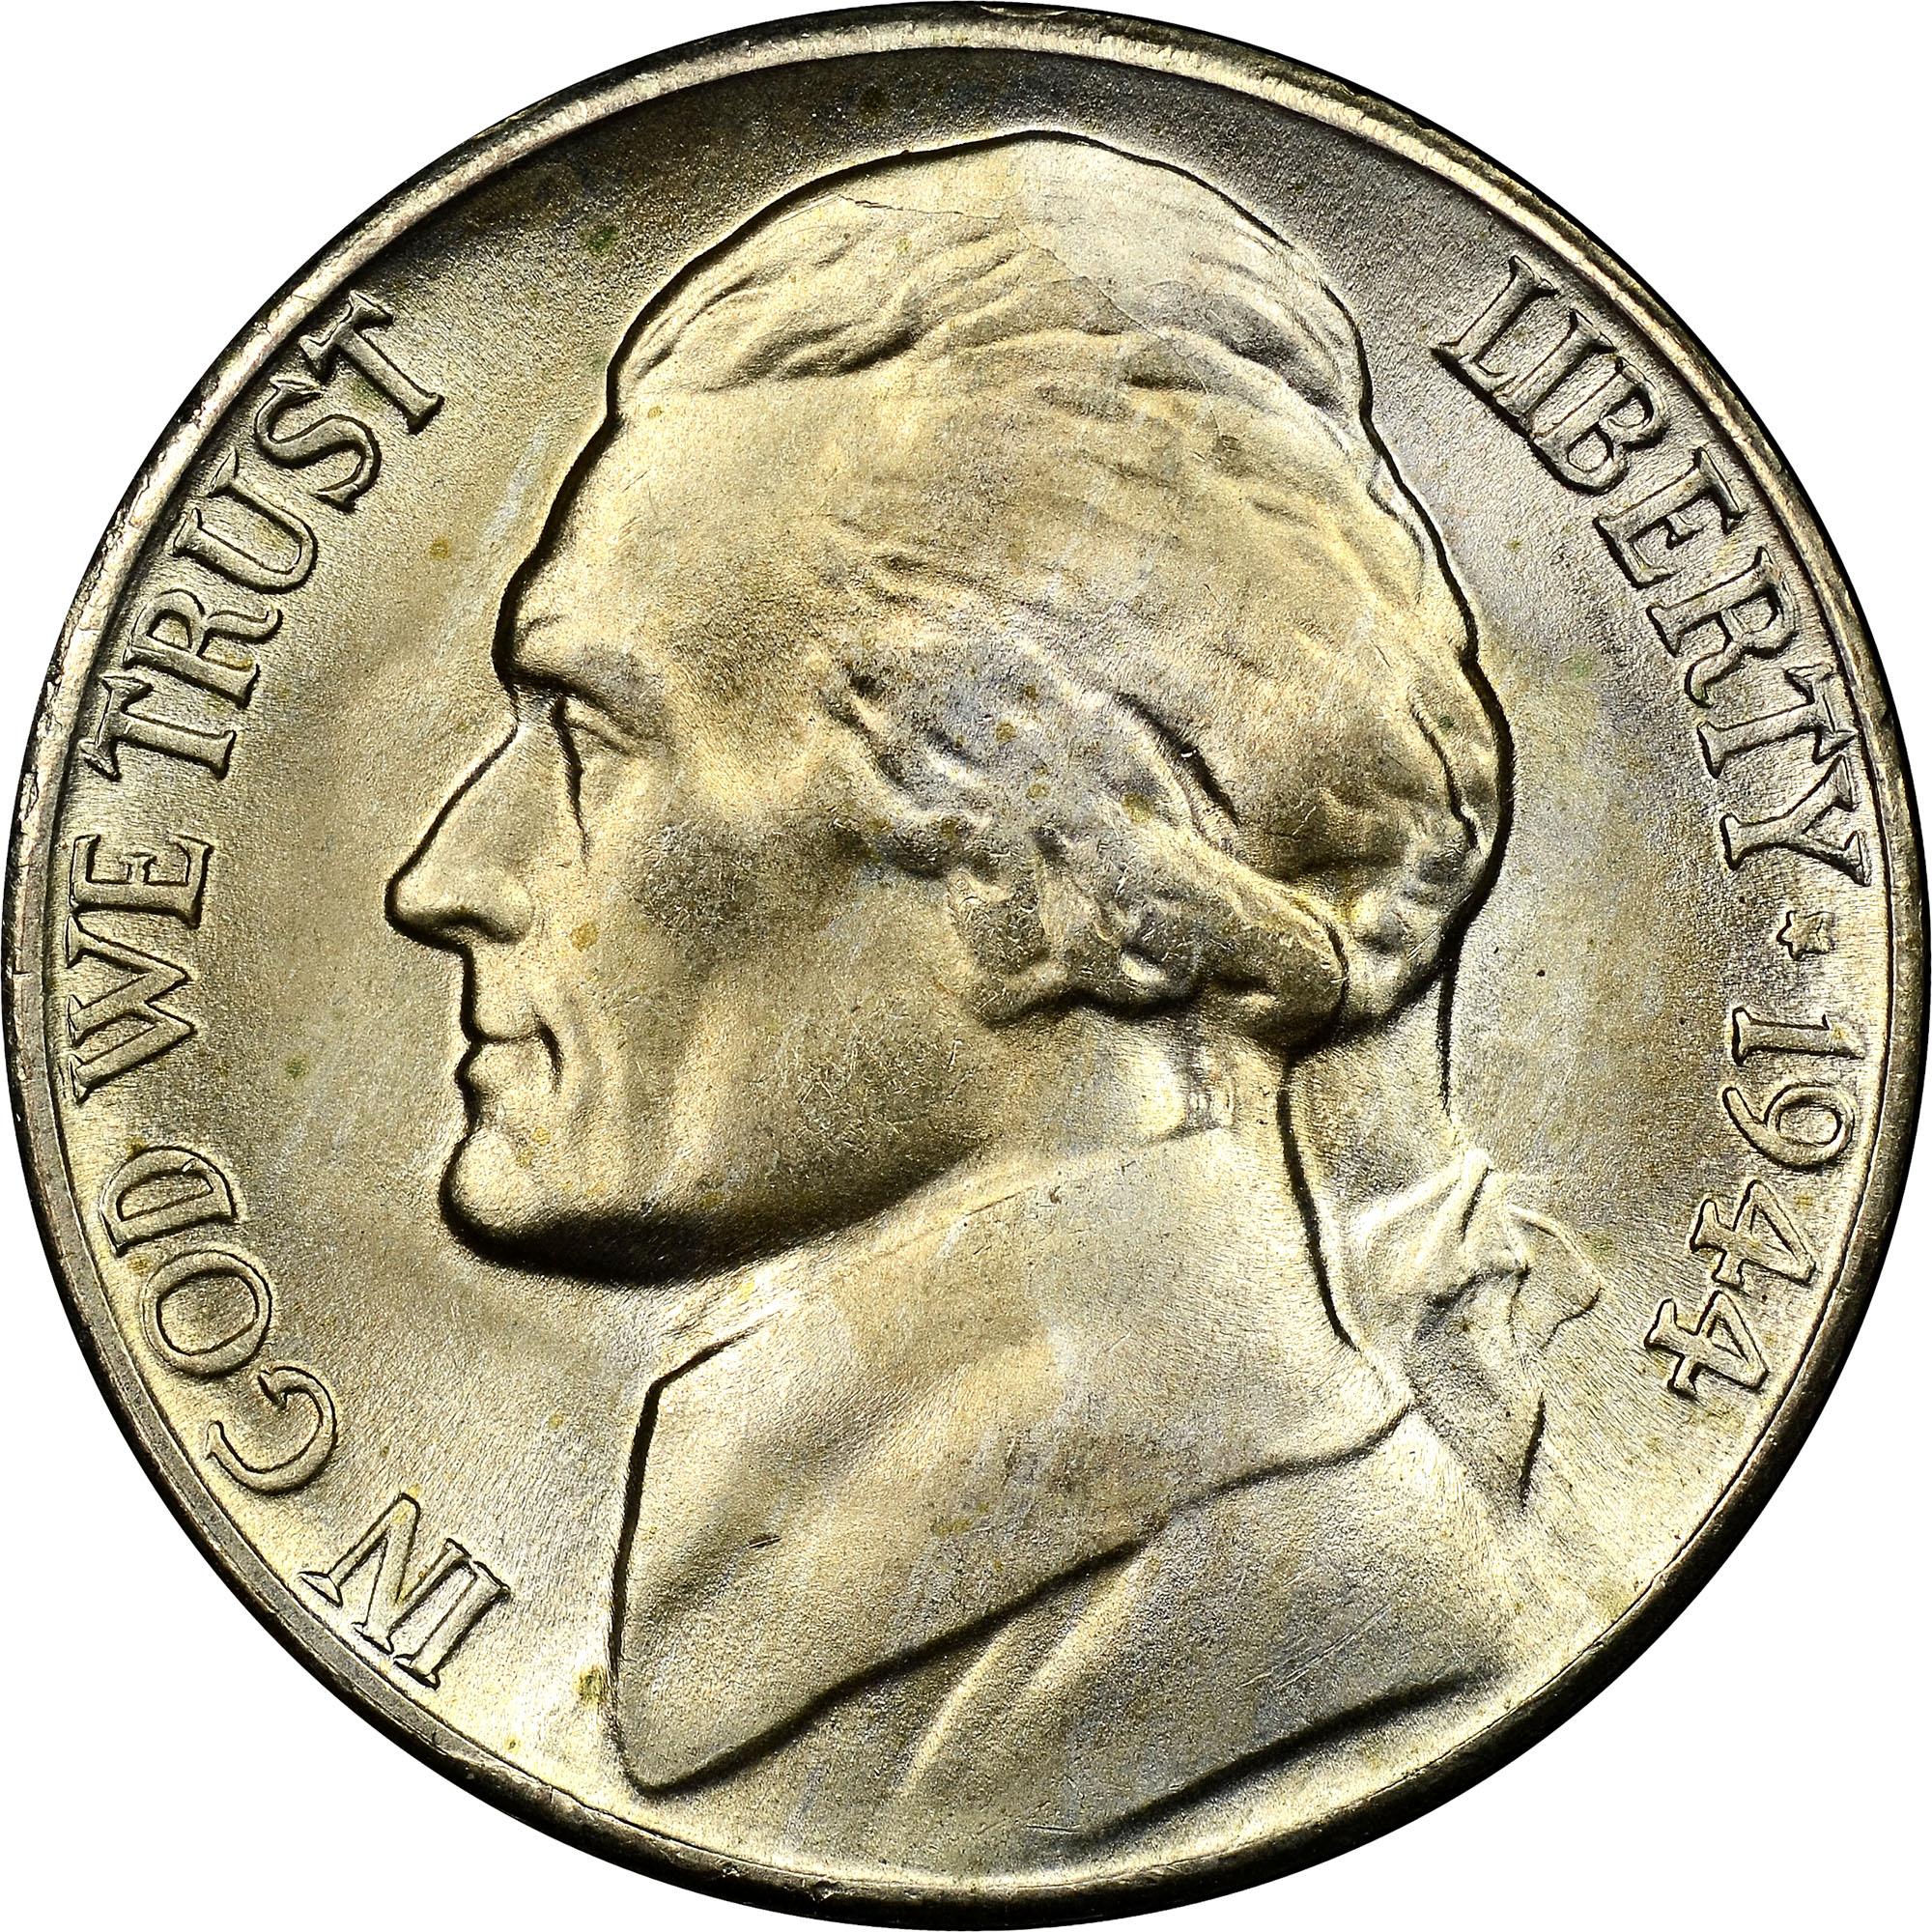 coin collection value calculator